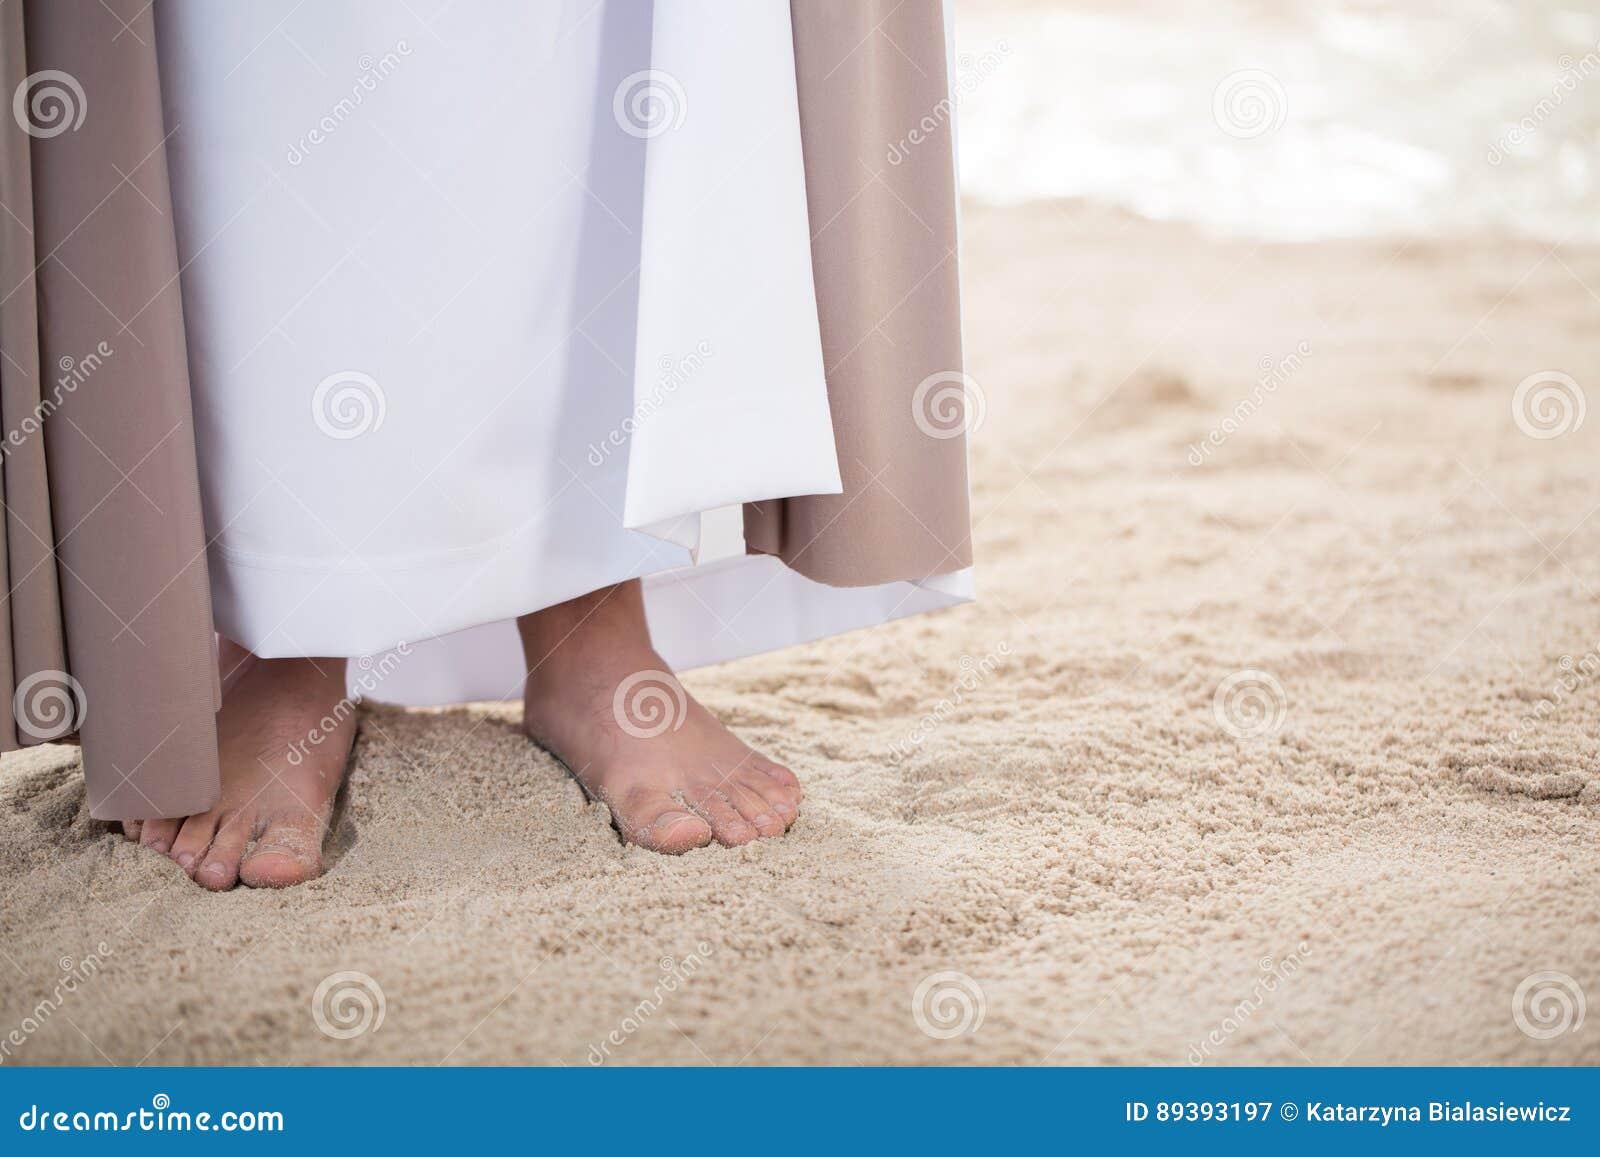 Fot av Jesus på sand